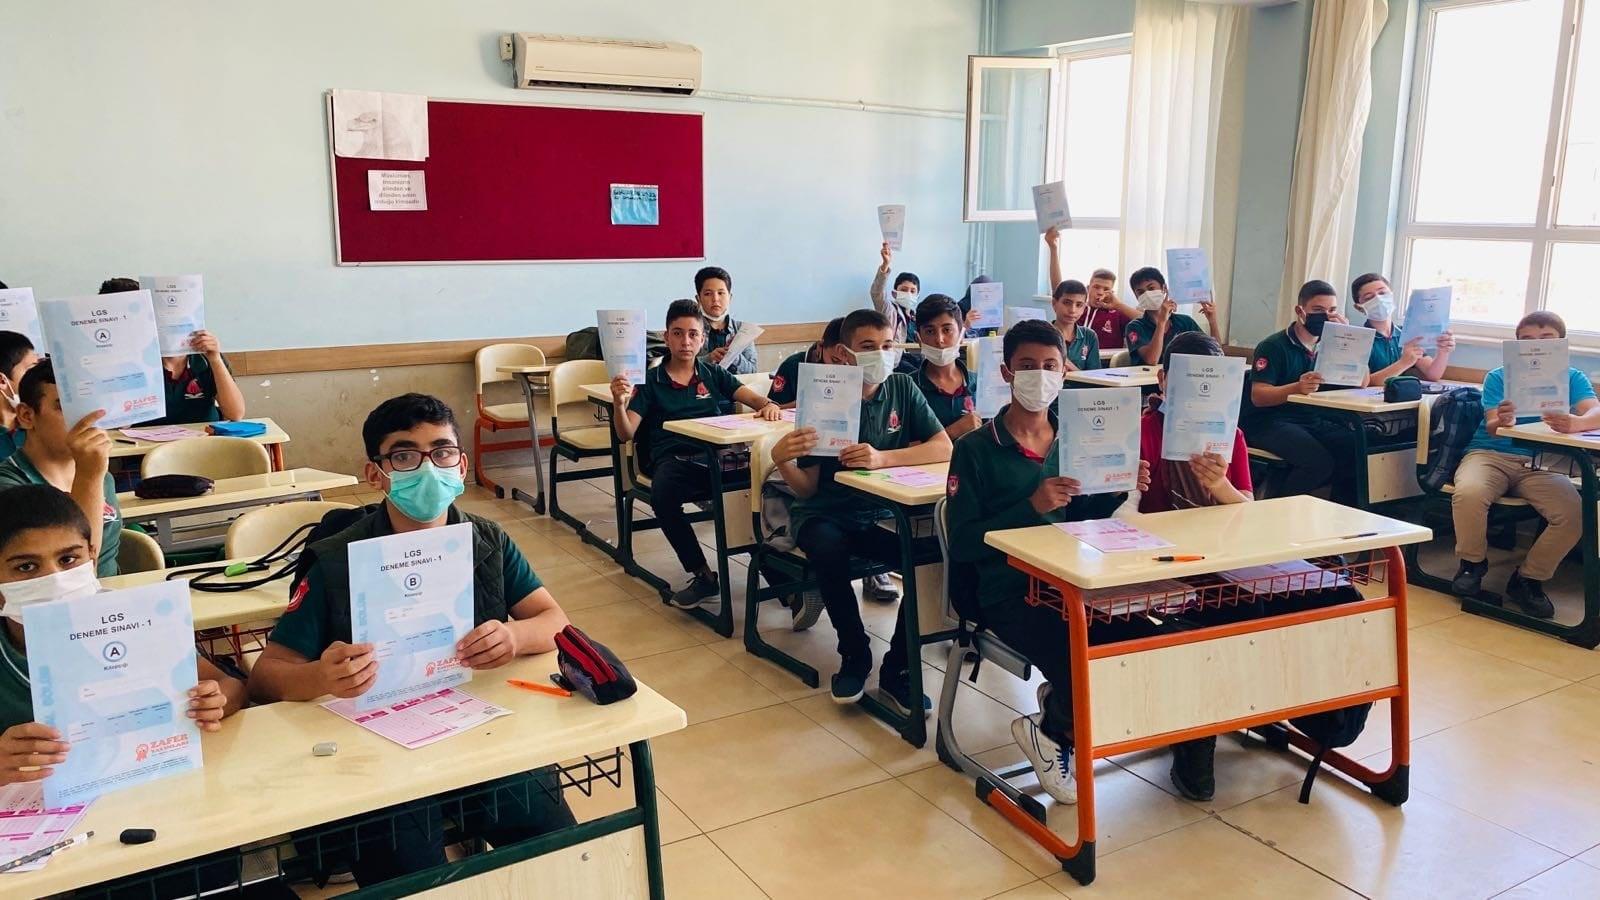 Karaisali Belediyesi Okullarda LGS Deneme Sinavi Yapti (3)